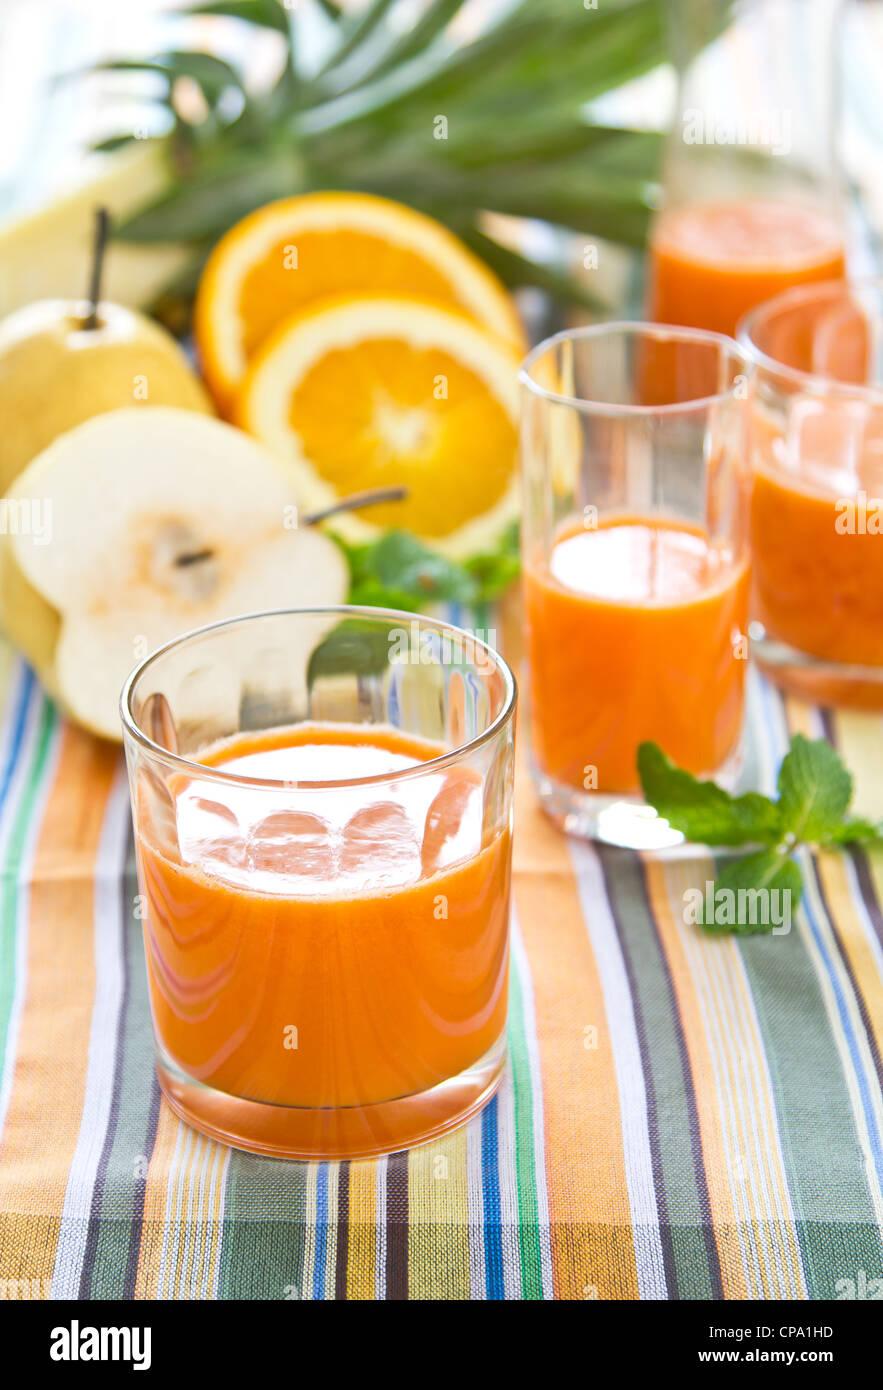 Pera,Carota e frullato arancione Immagini Stock